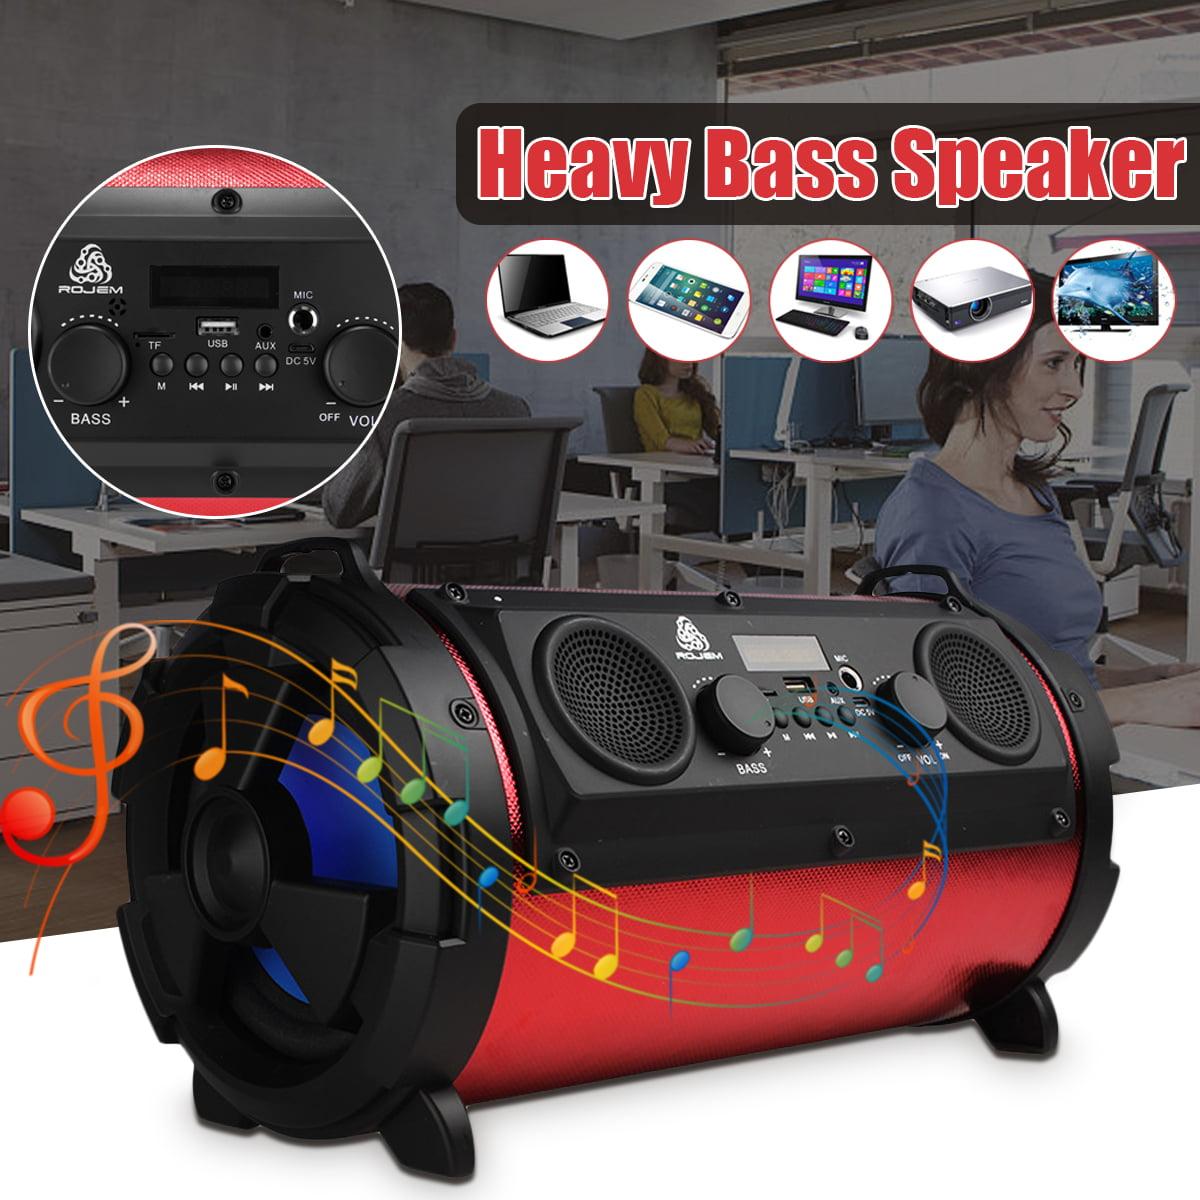 Portable Wireless bluetooth Speaker  Stereo Radio HI-FI Super Bass USB AUX TF FM